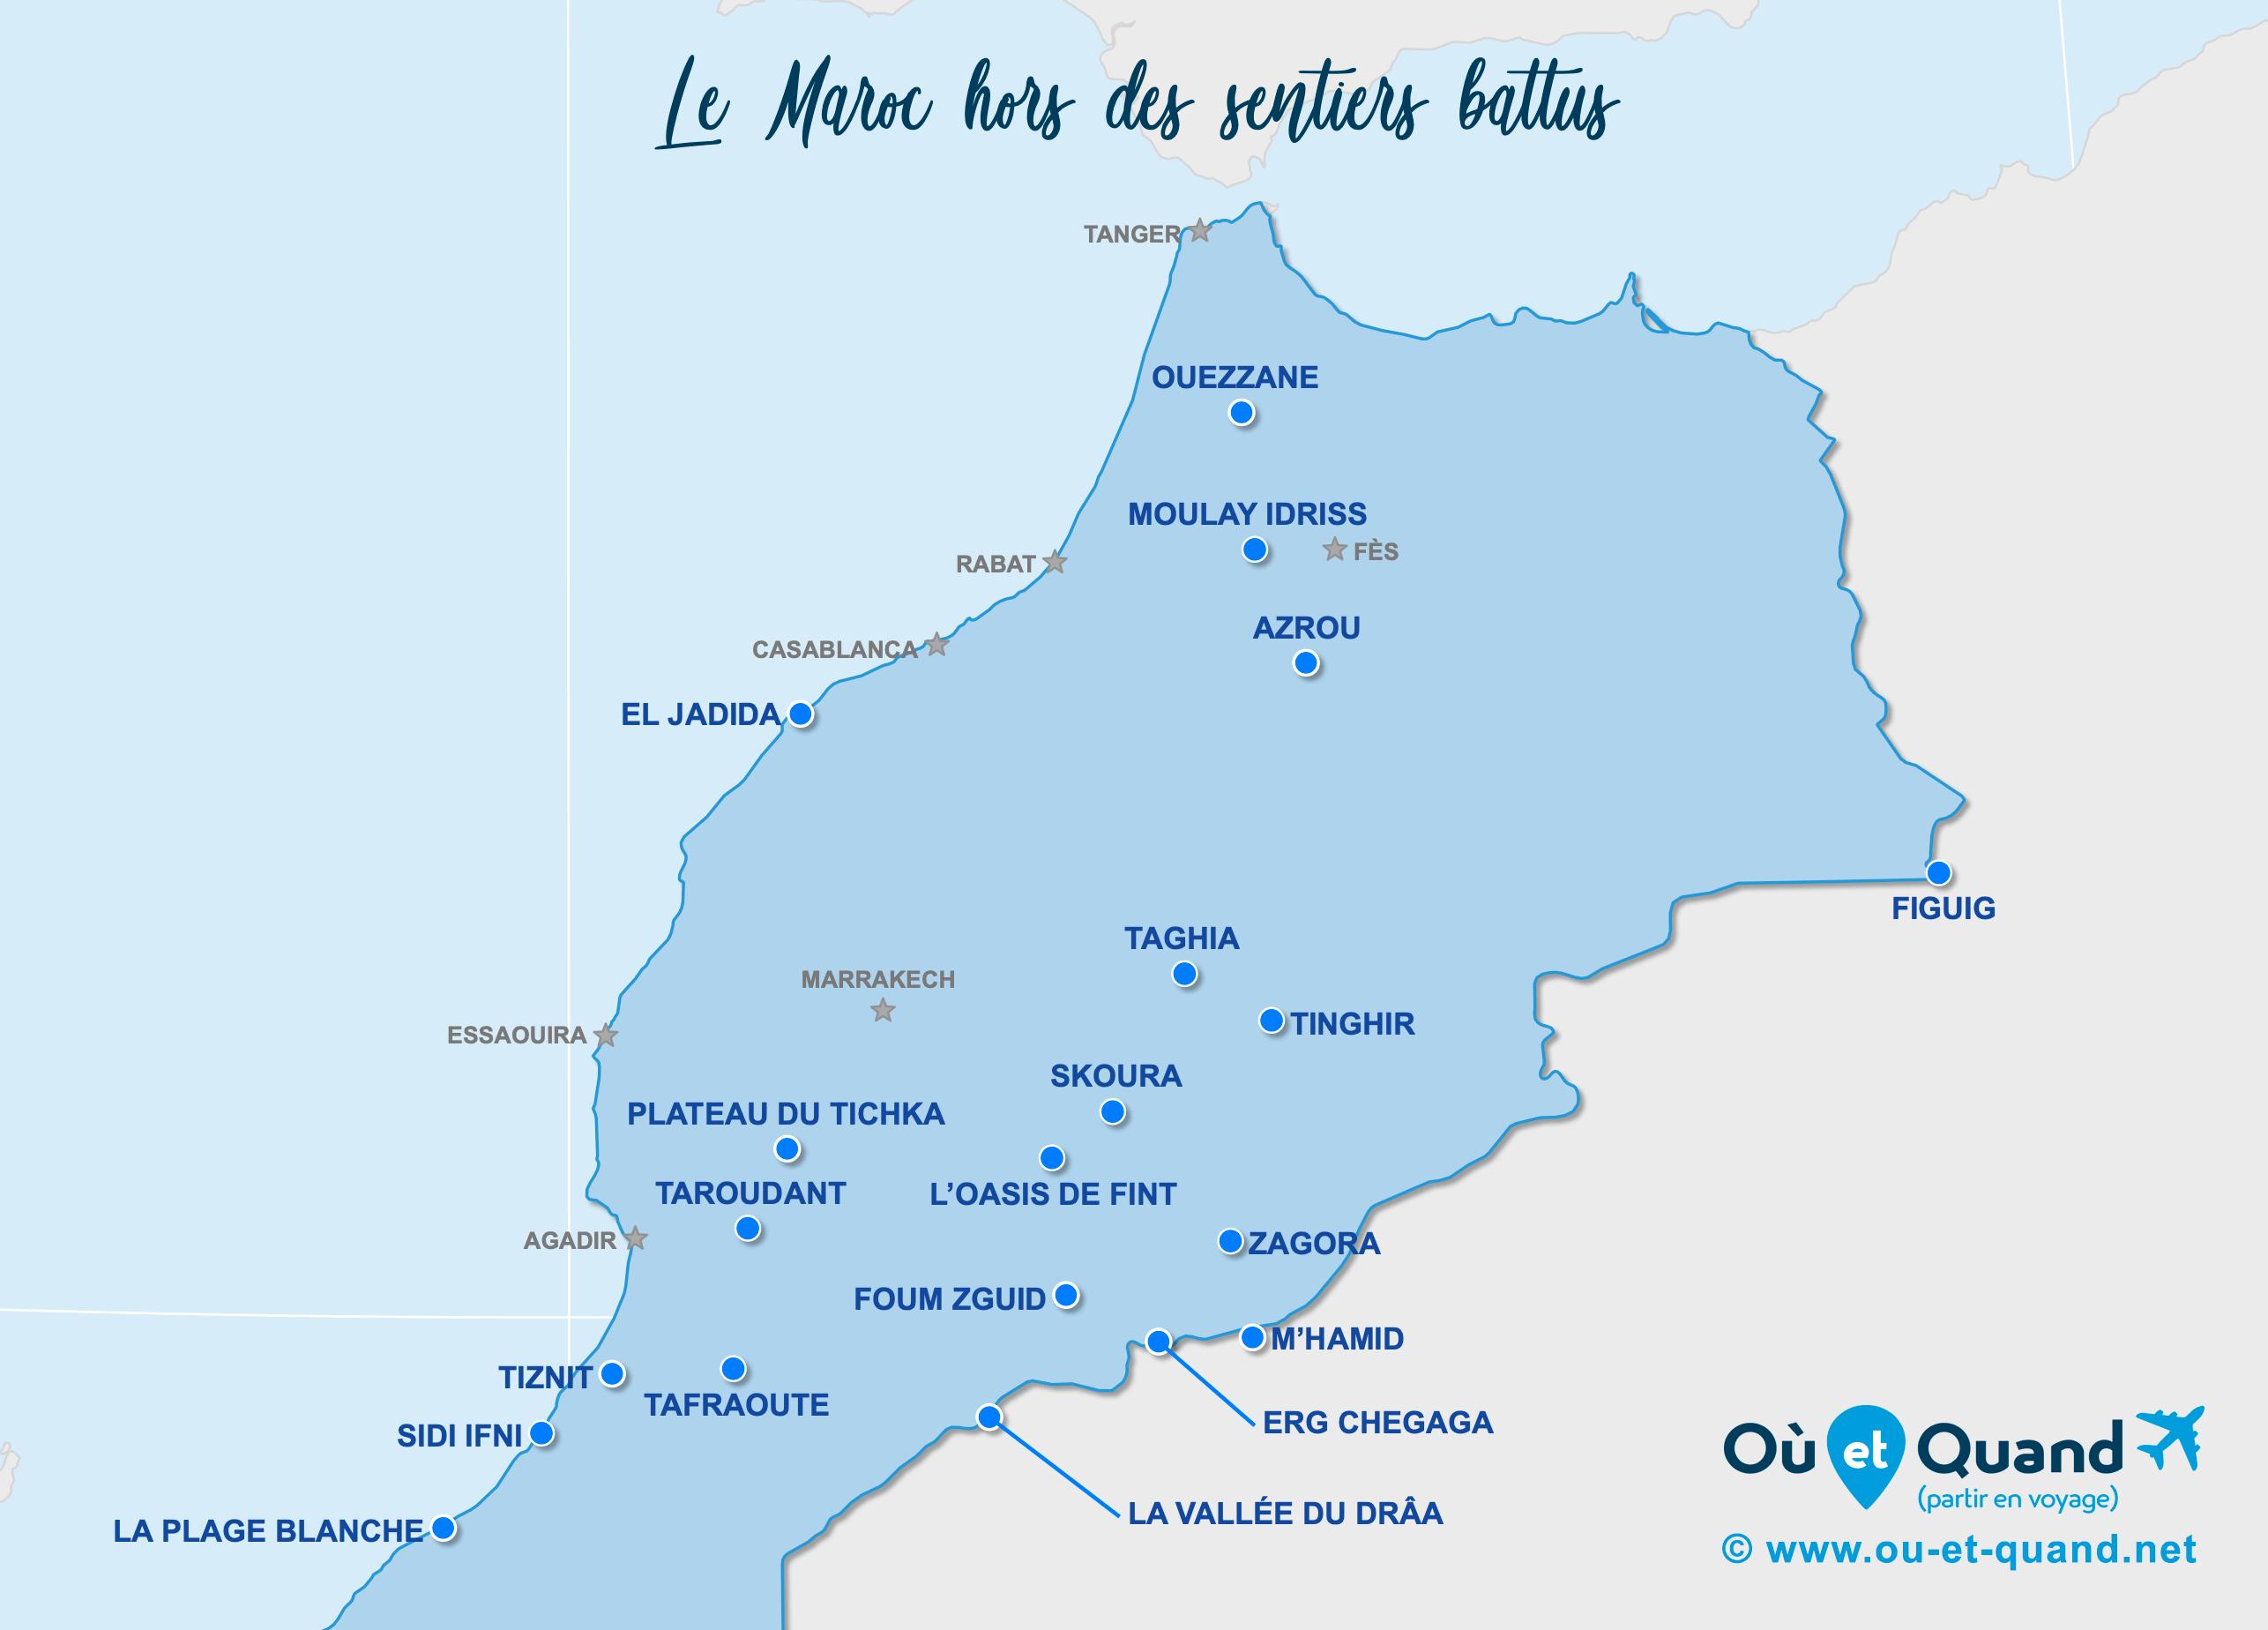 Carte Maroc : Le Maroc hors des sentiers battus